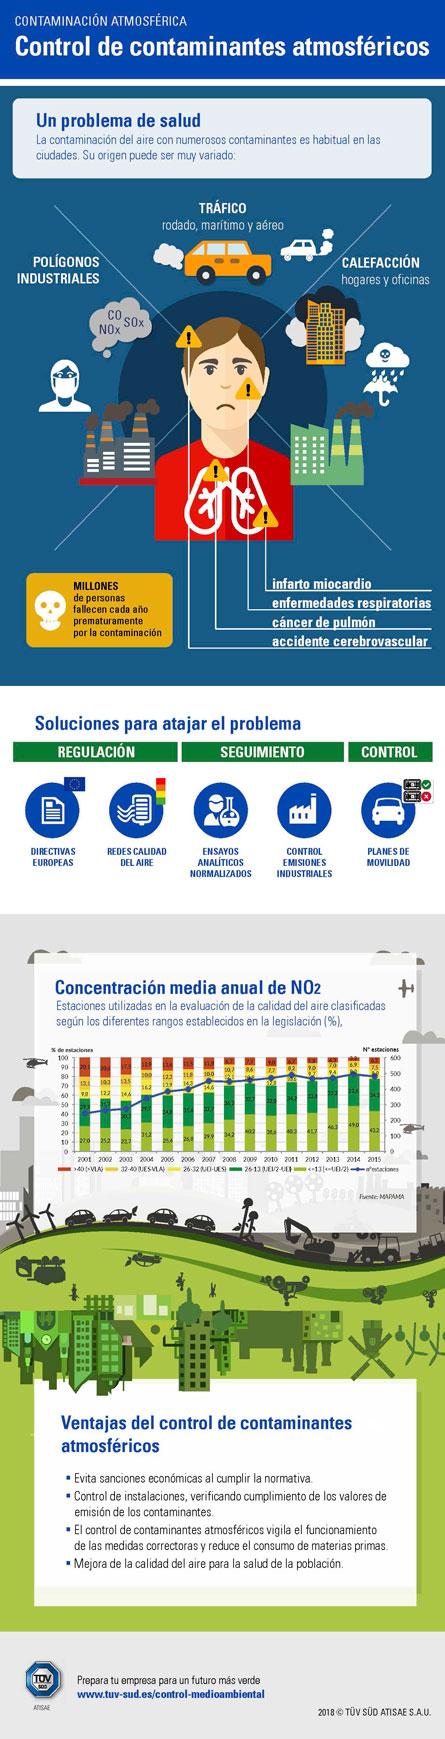 Infografía contaminación